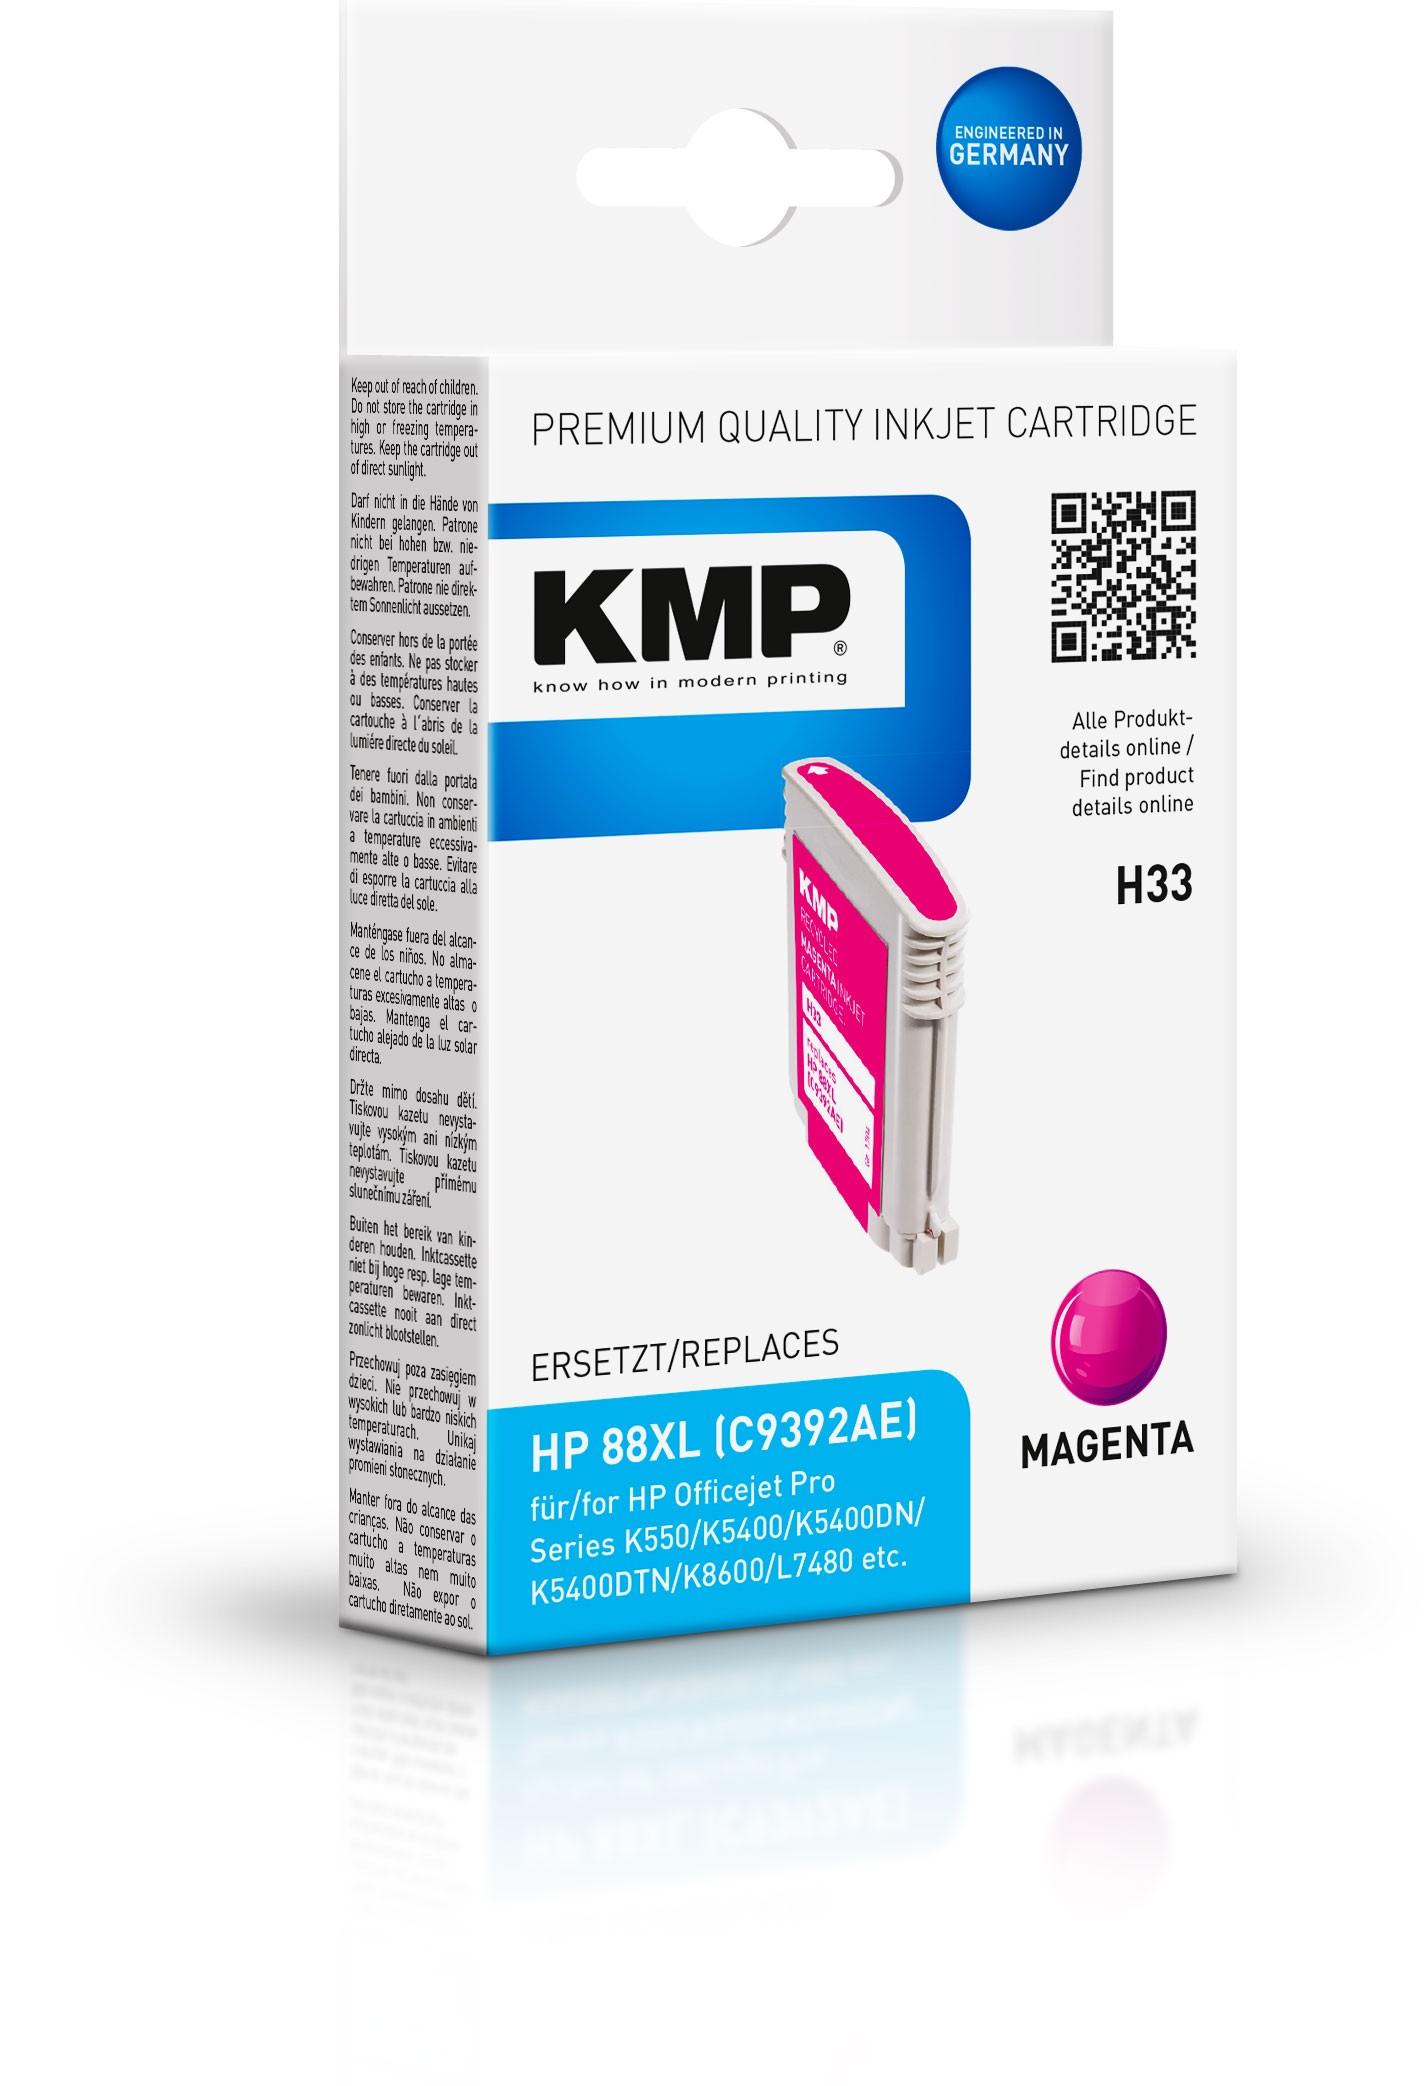 Vorschau: KMP Patrone H33 komp. C9392AE HP 88XL für HP Officejet Pro K550